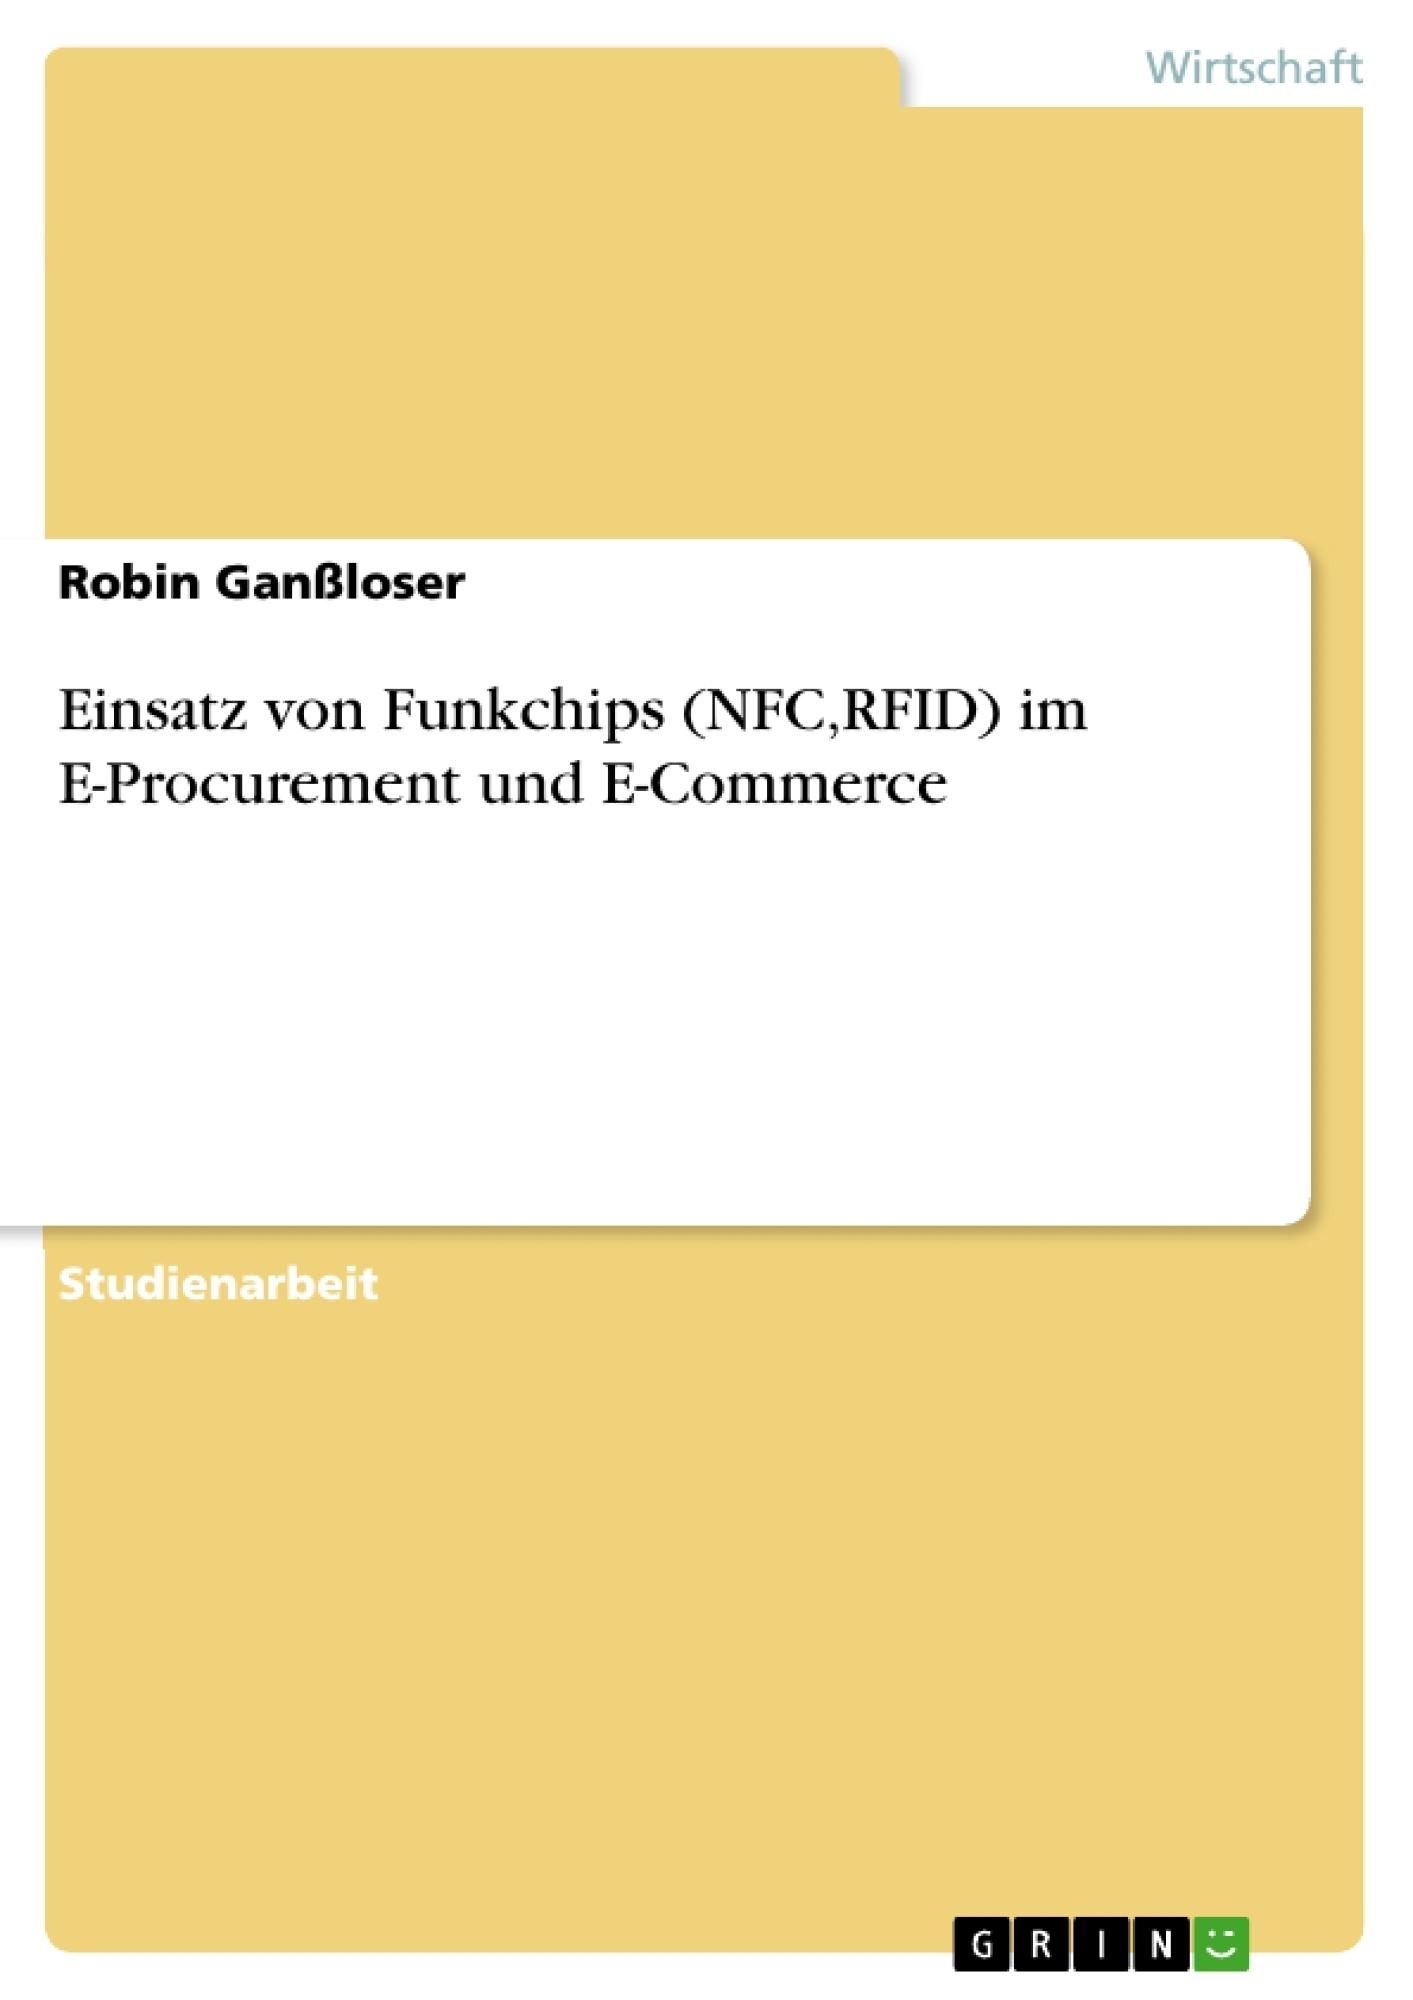 Titel: Einsatz von Funkchips (NFC,RFID) im E-Procurement und E-Commerce